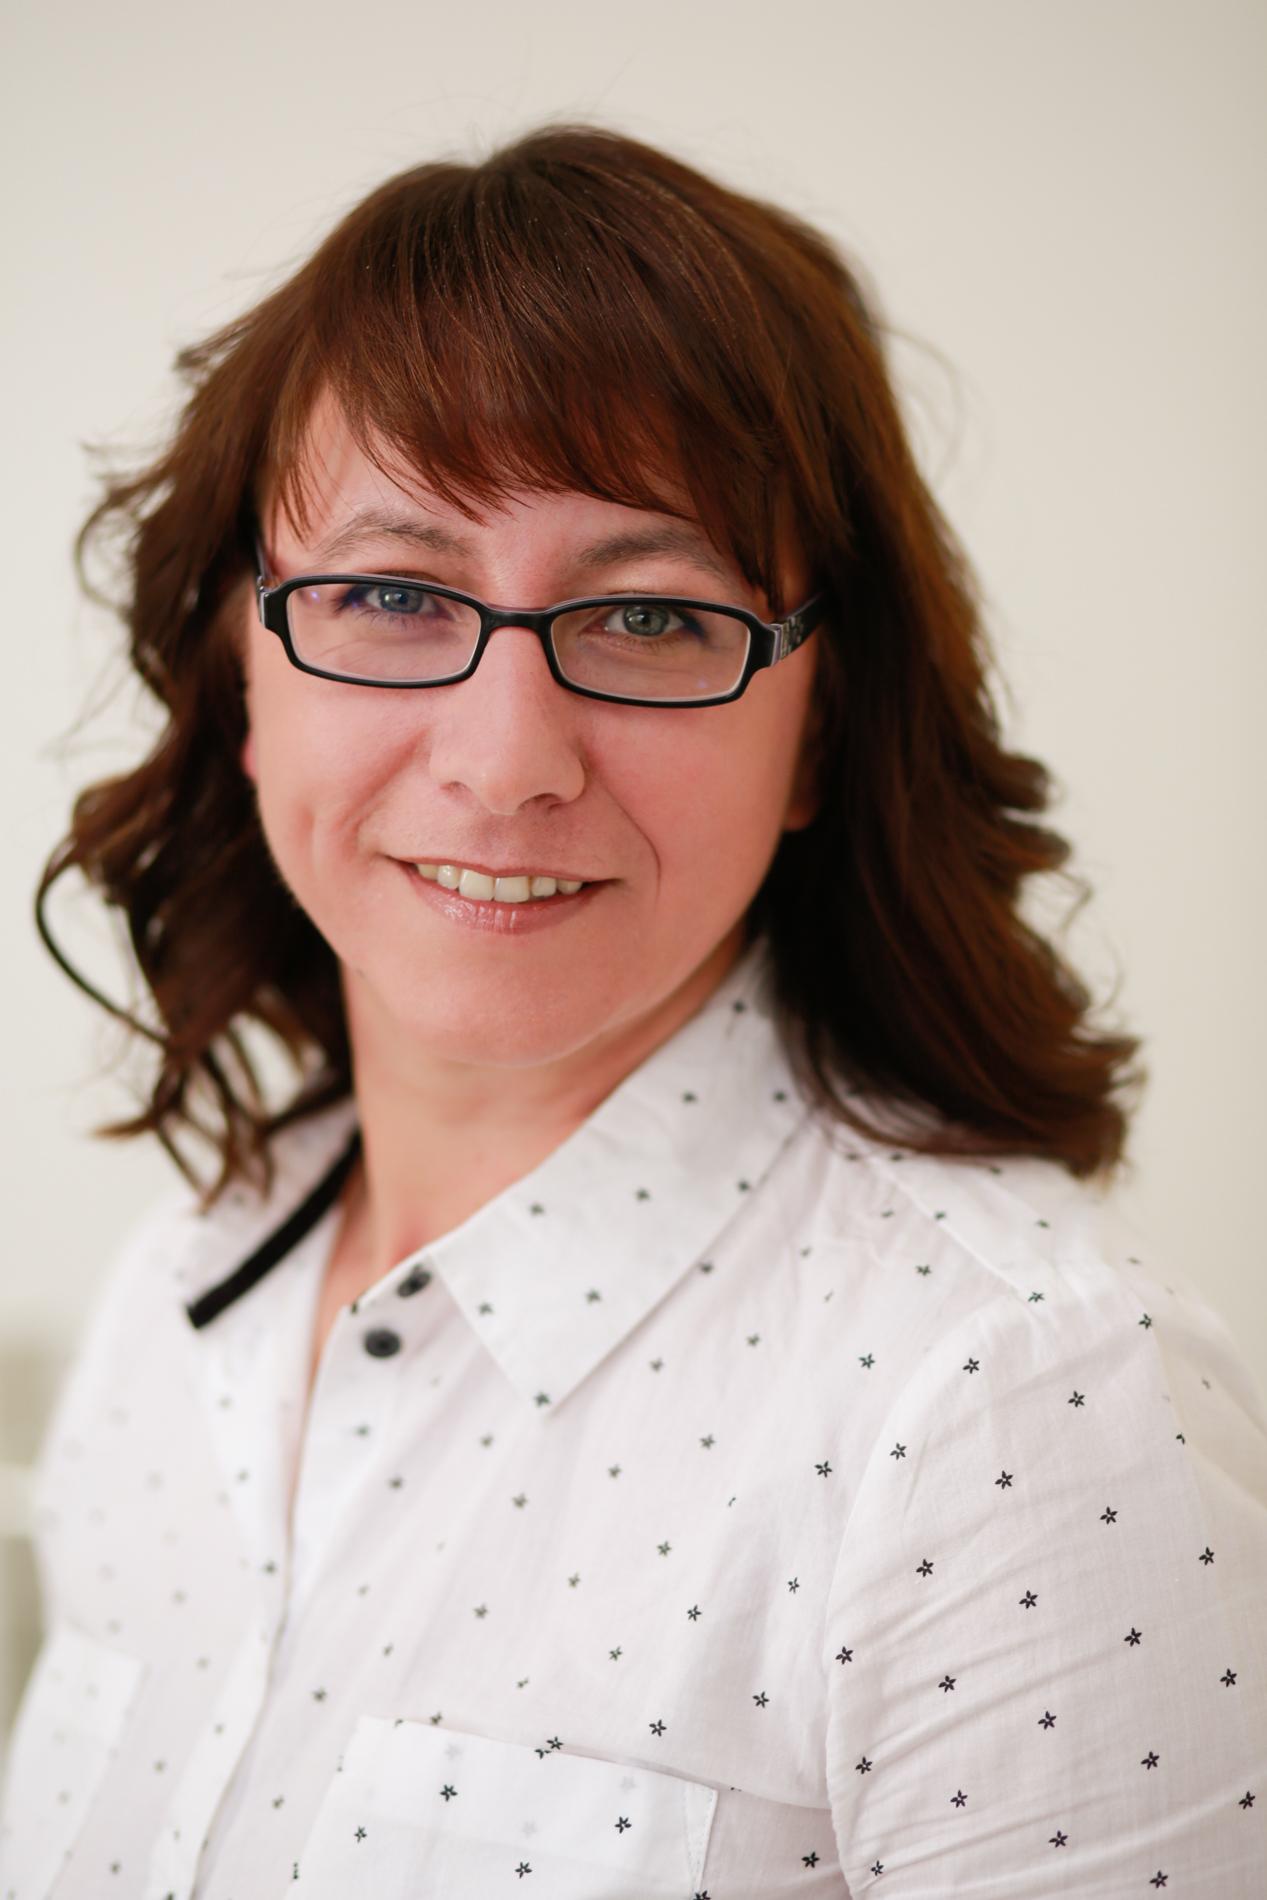 Manuela Biedler